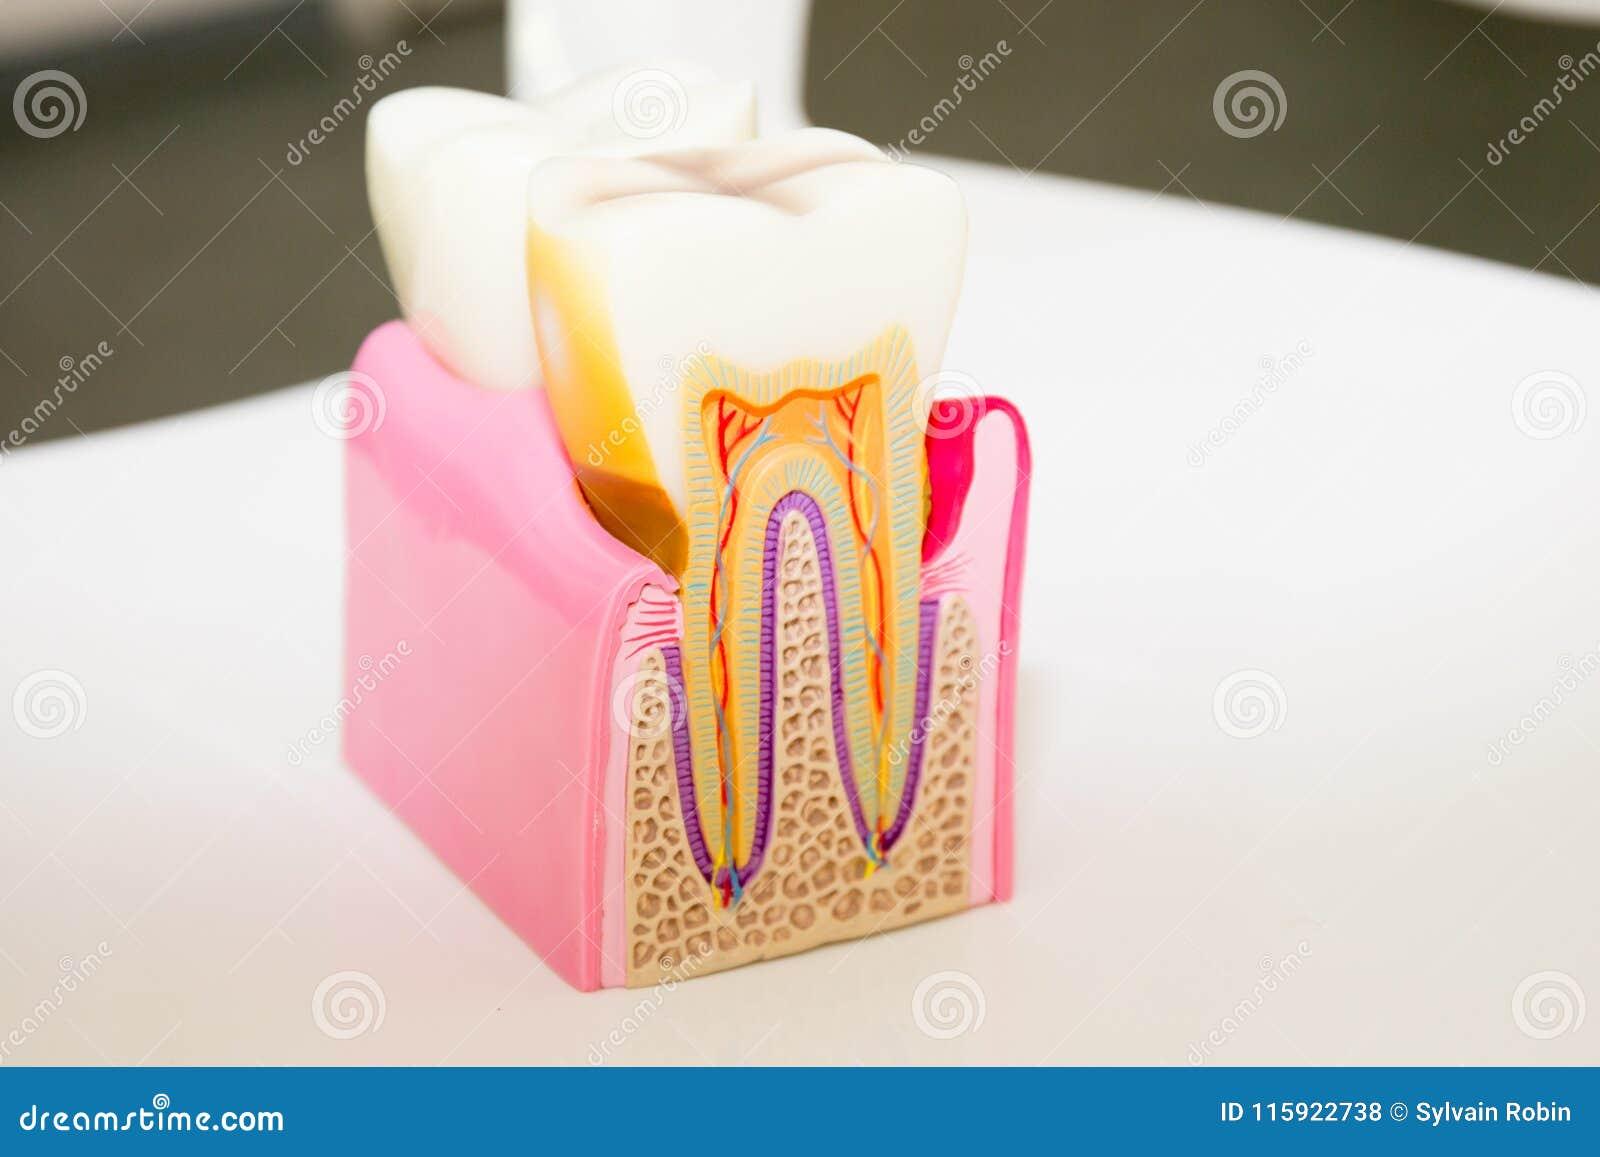 Stomatologiczna wzorcowa anatomia zębu przekroju poprzecznego dentysty pojęcie dla edukaci